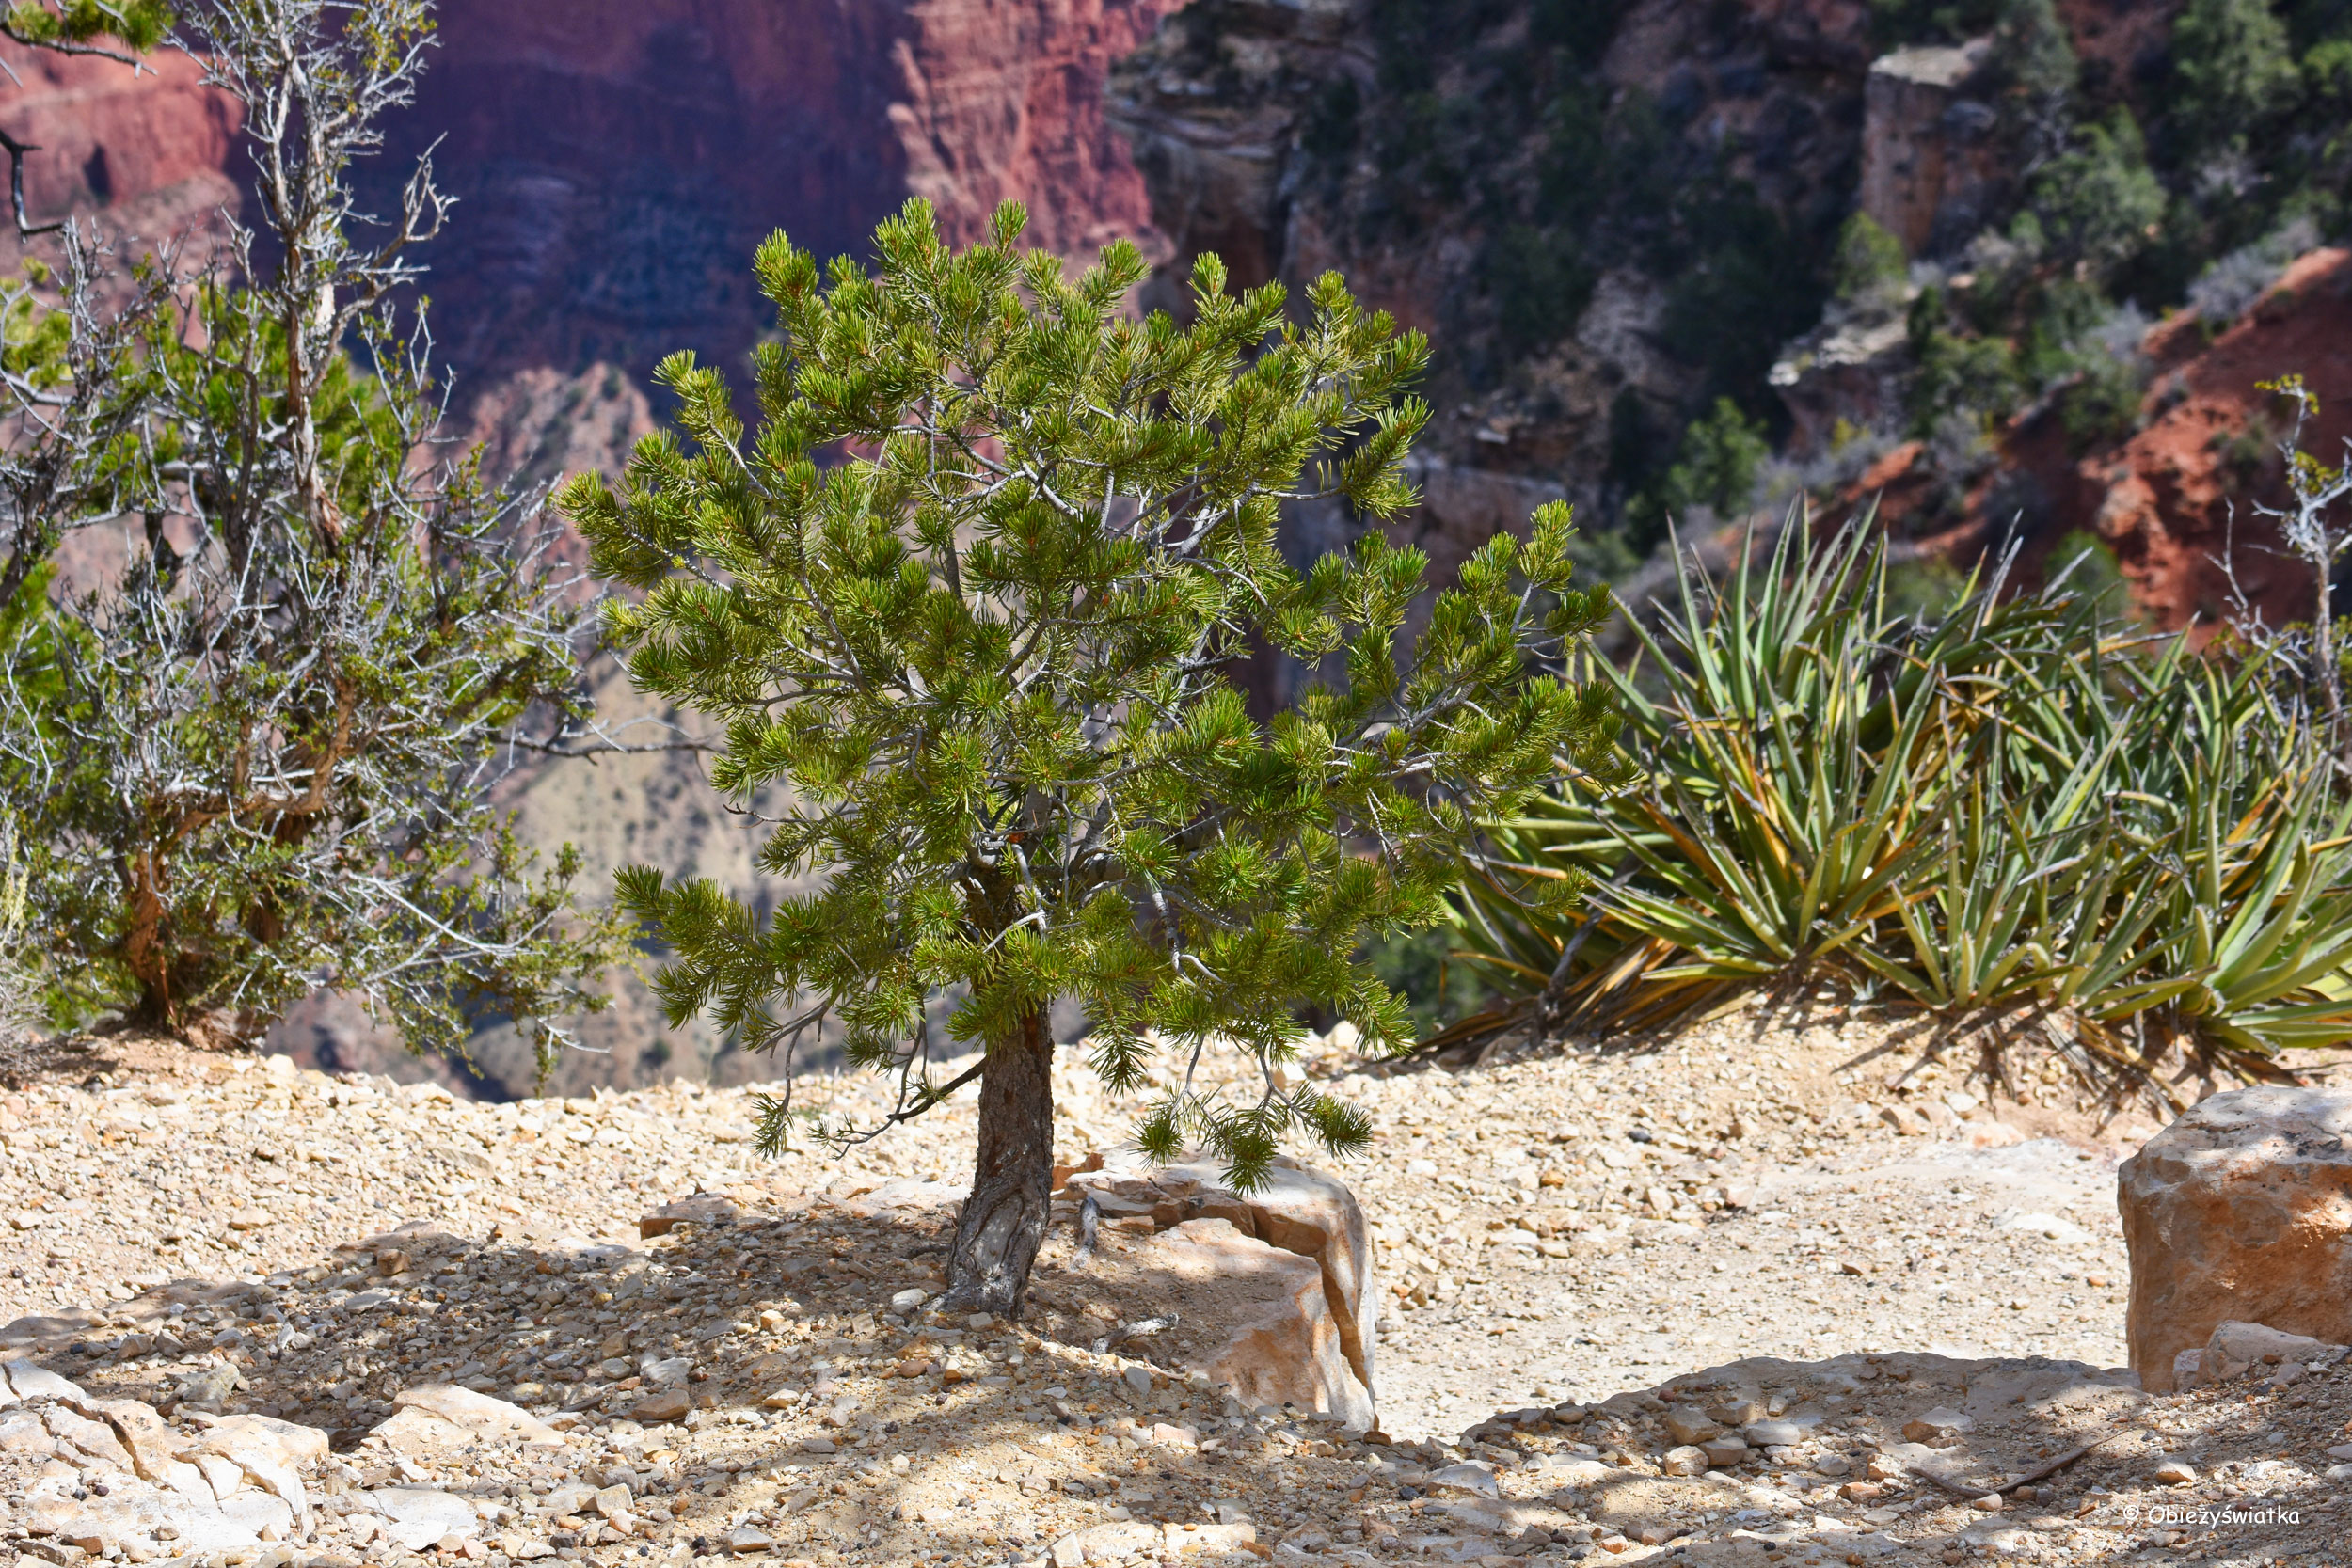 Na jednym ze szlaków - Grand Canyon National Park, Arizona, USA